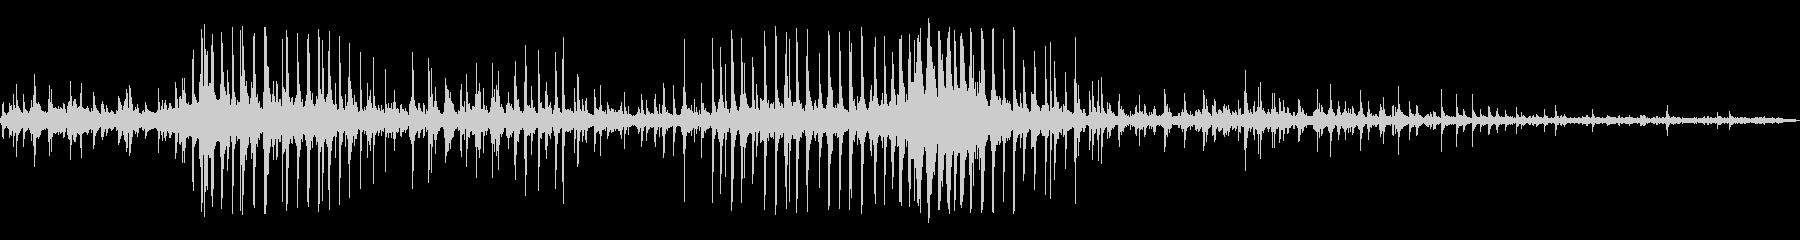 ノッキングを振る金属の未再生の波形